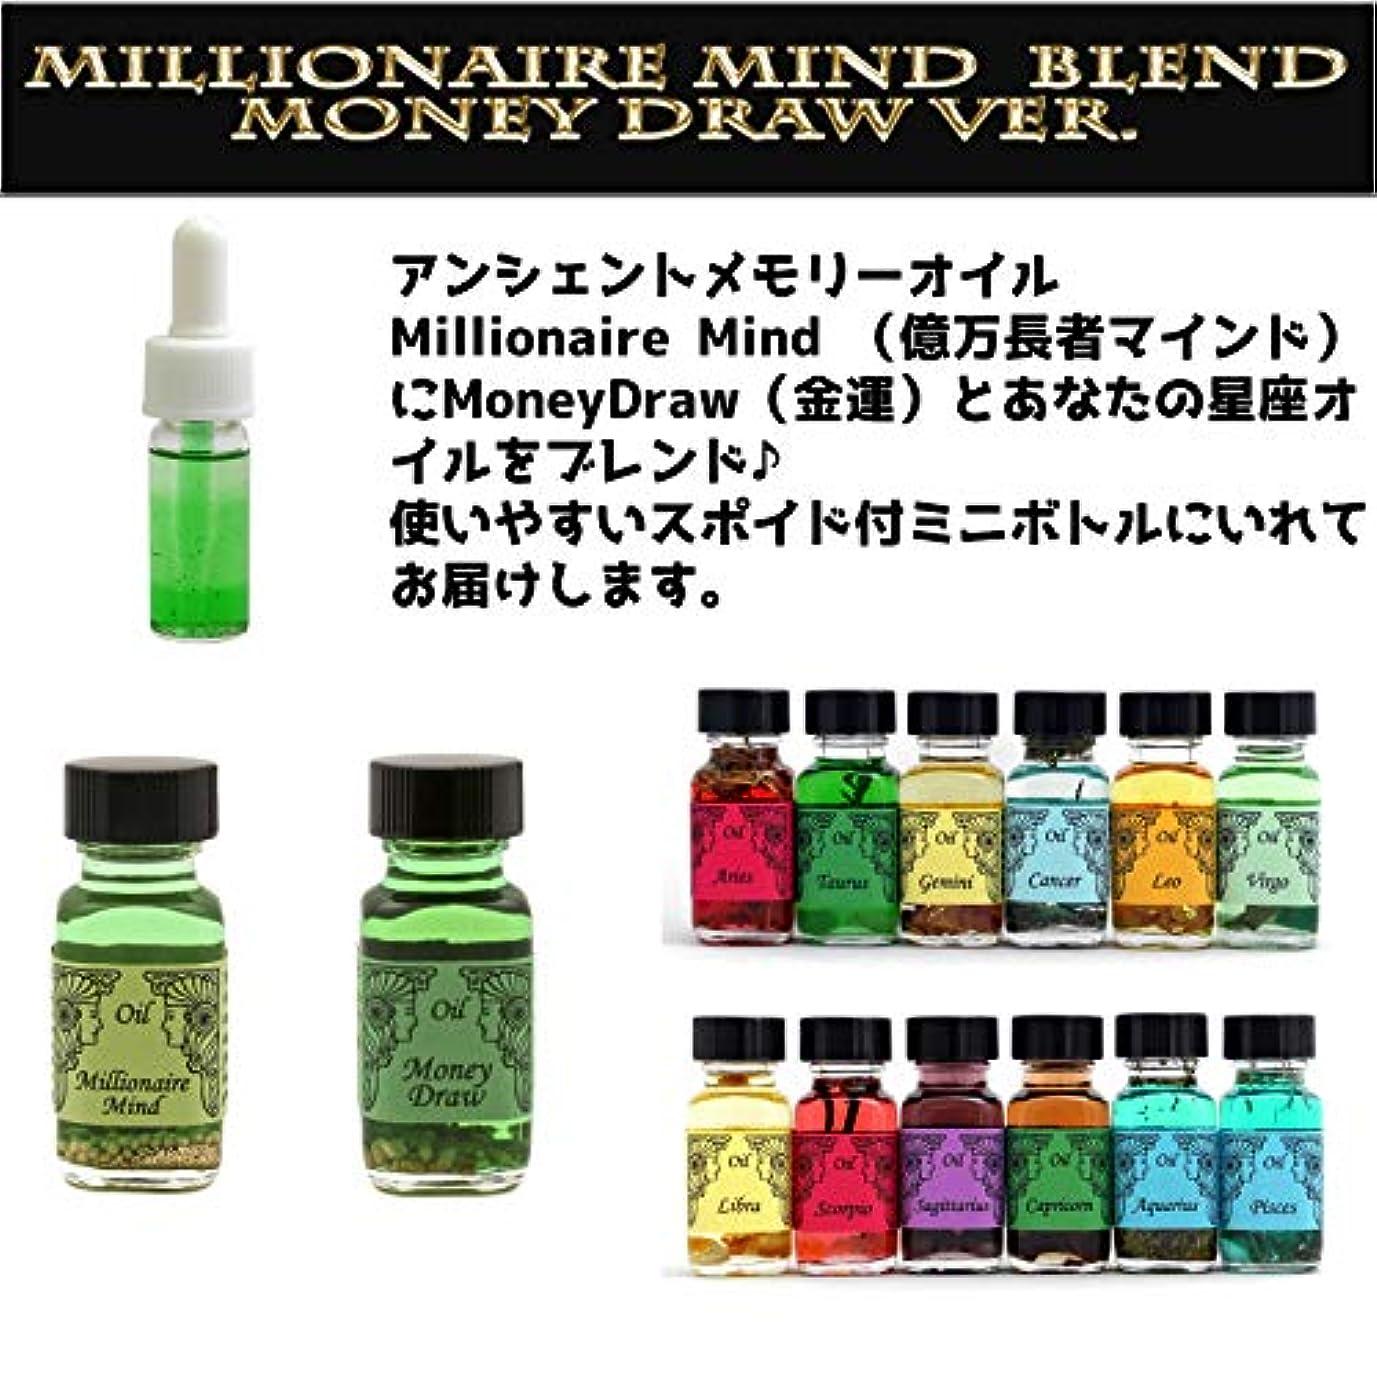 ヒールボウリングペースアンシェントメモリーオイル Millionaire Mind 億万長者マインド ブレンド(Money Drawマネードロー(金運)&ふたご座